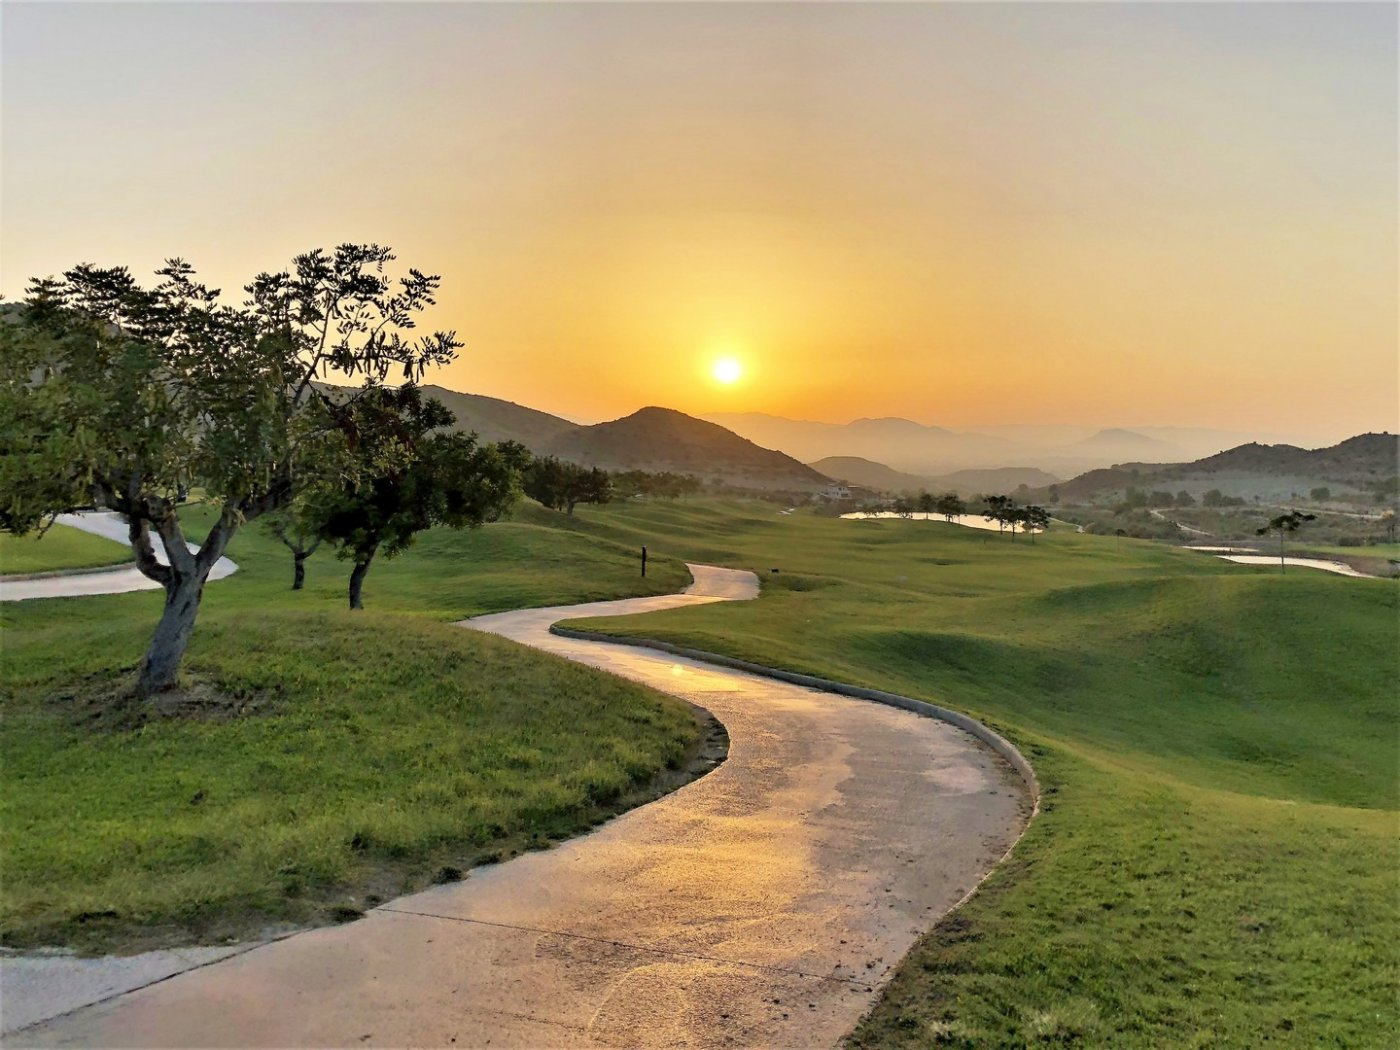 Villas en primera lÍnea de golf en font del llop - imagenInmueble13